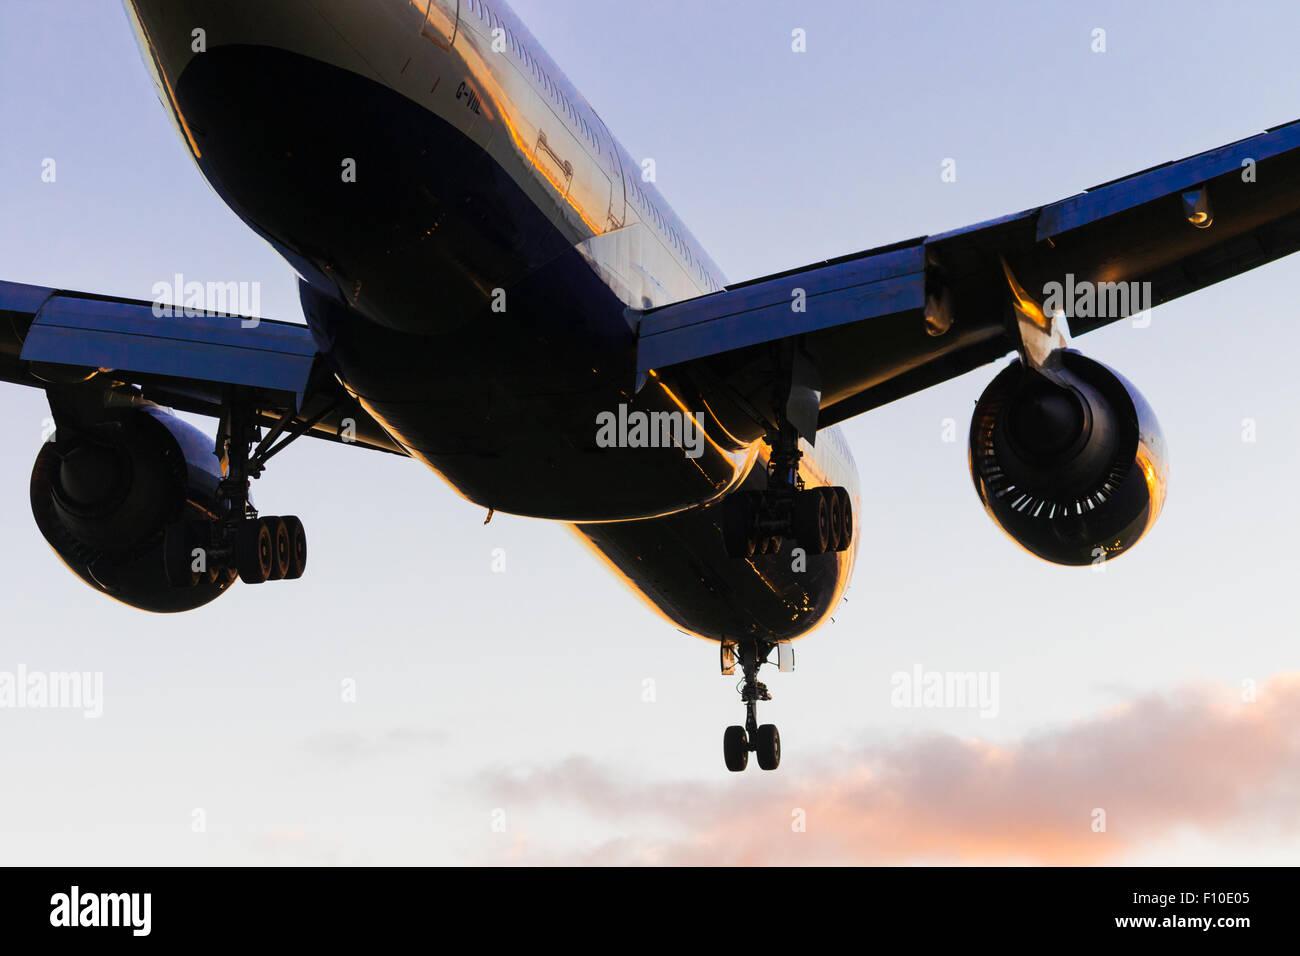 A British Airways  Boeing 777-200 ER Reg. G-VILL lands on London Heathrow's runway 27R. - Stock Image